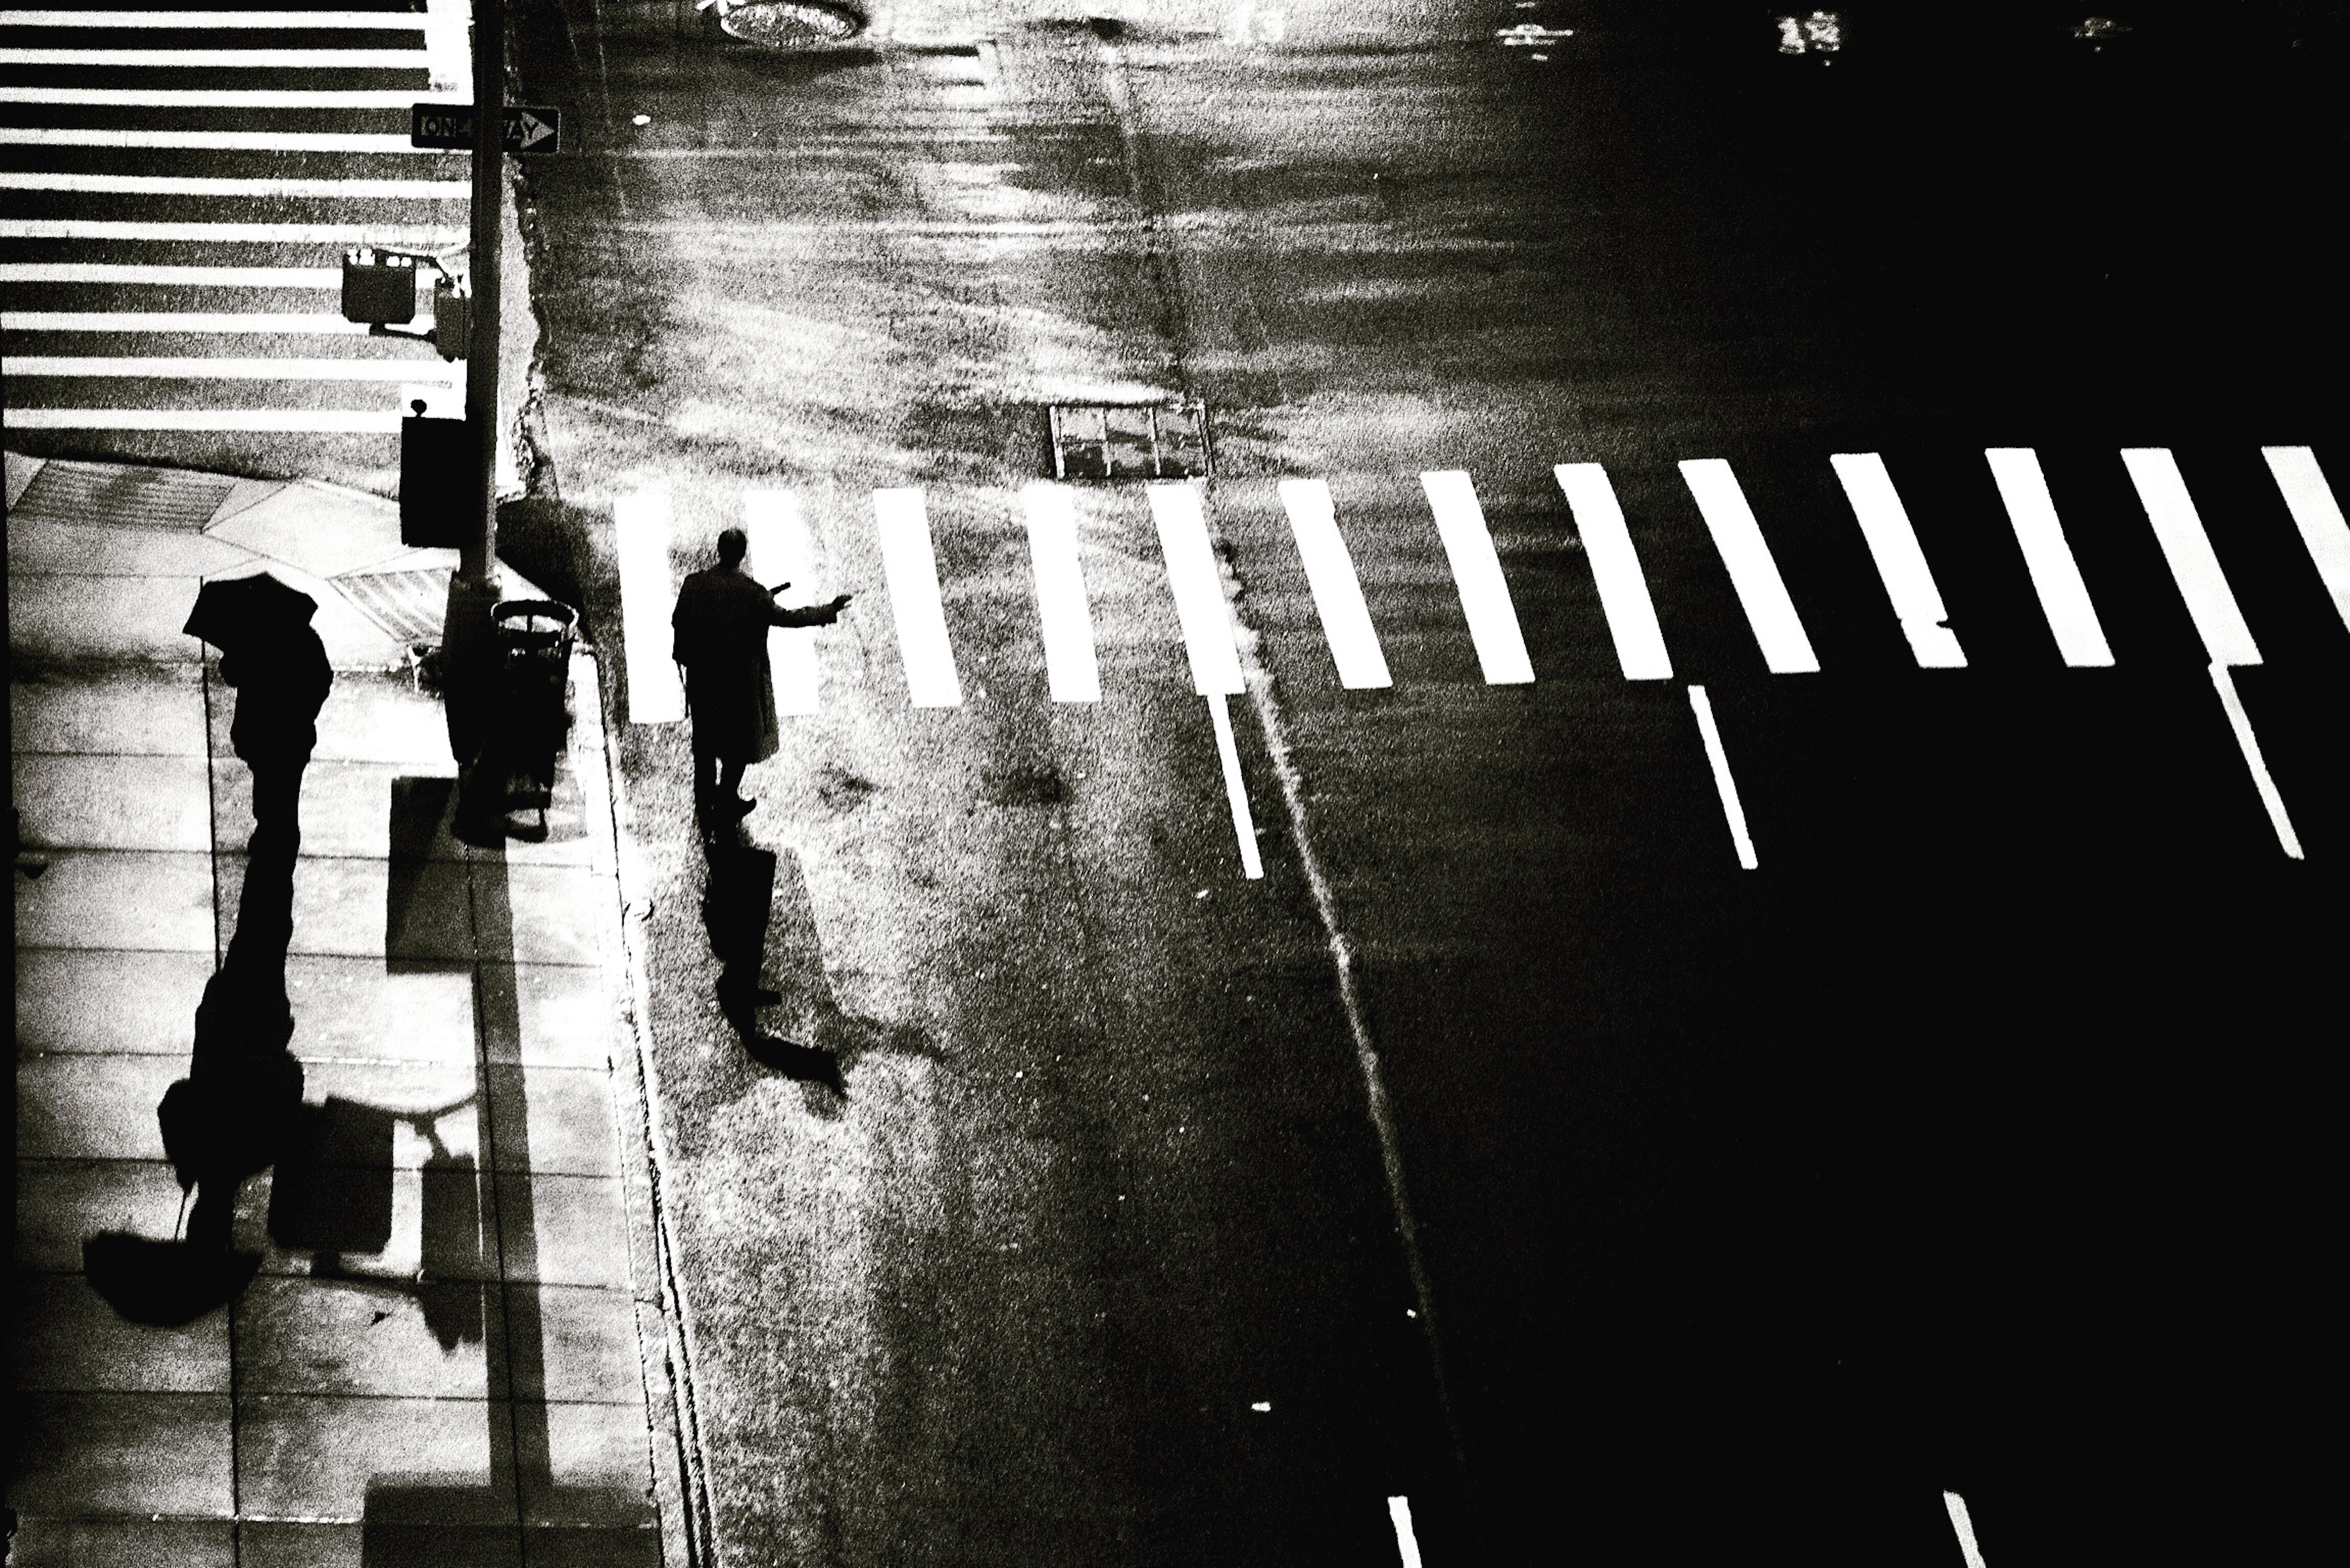 Il pleut sur Manhattan